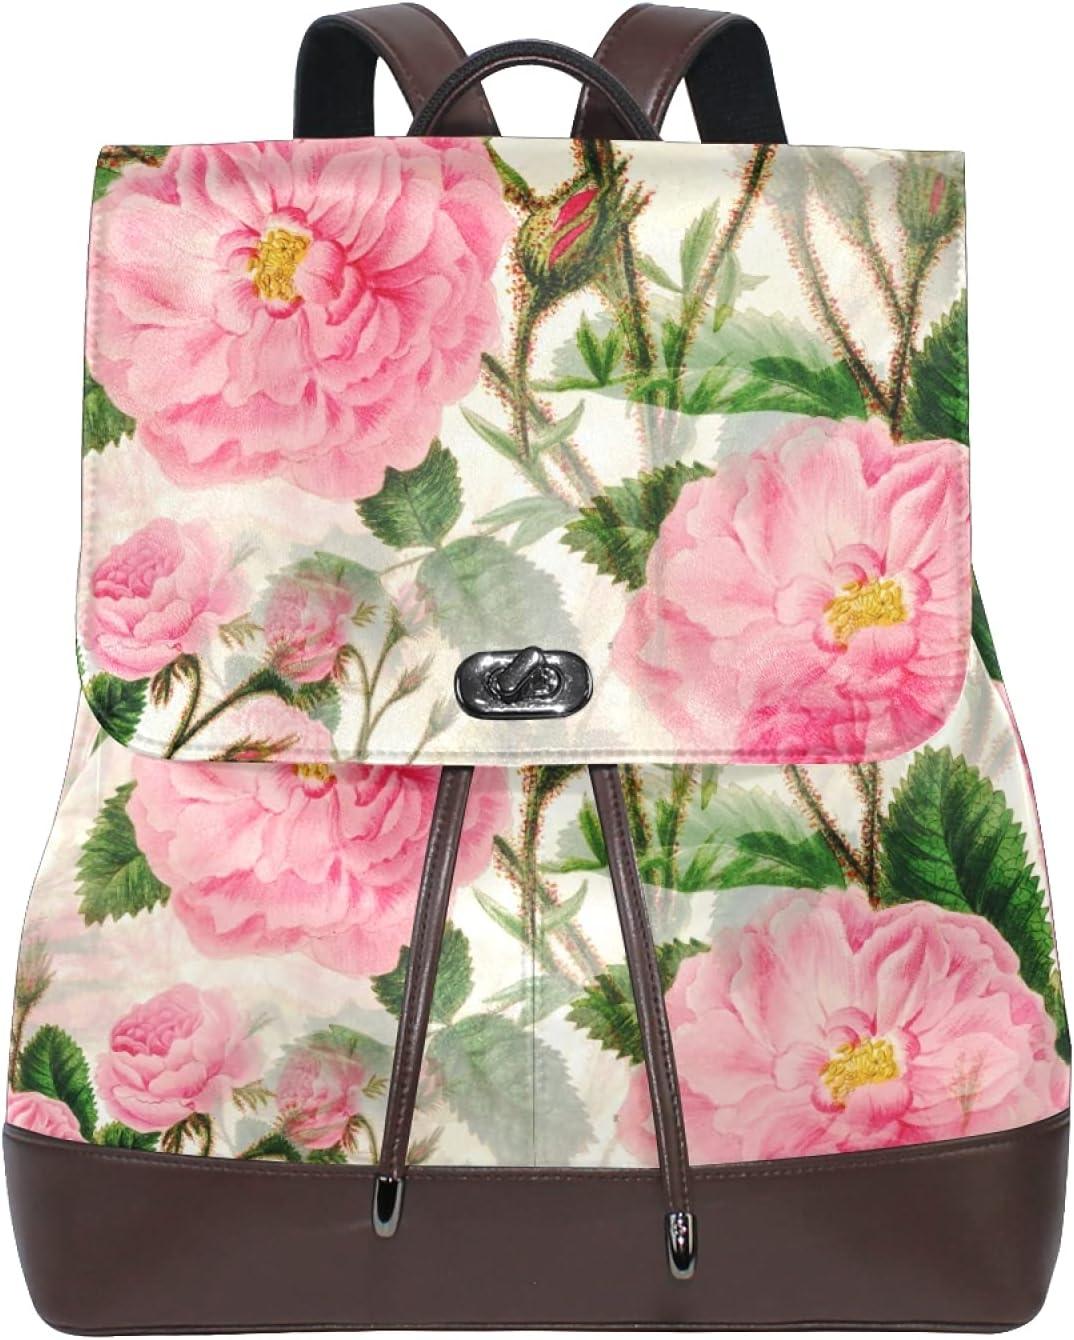 Women Leather Backpack Ladies Fashion Shoulder Bag Large Travel Bag Flowers-4